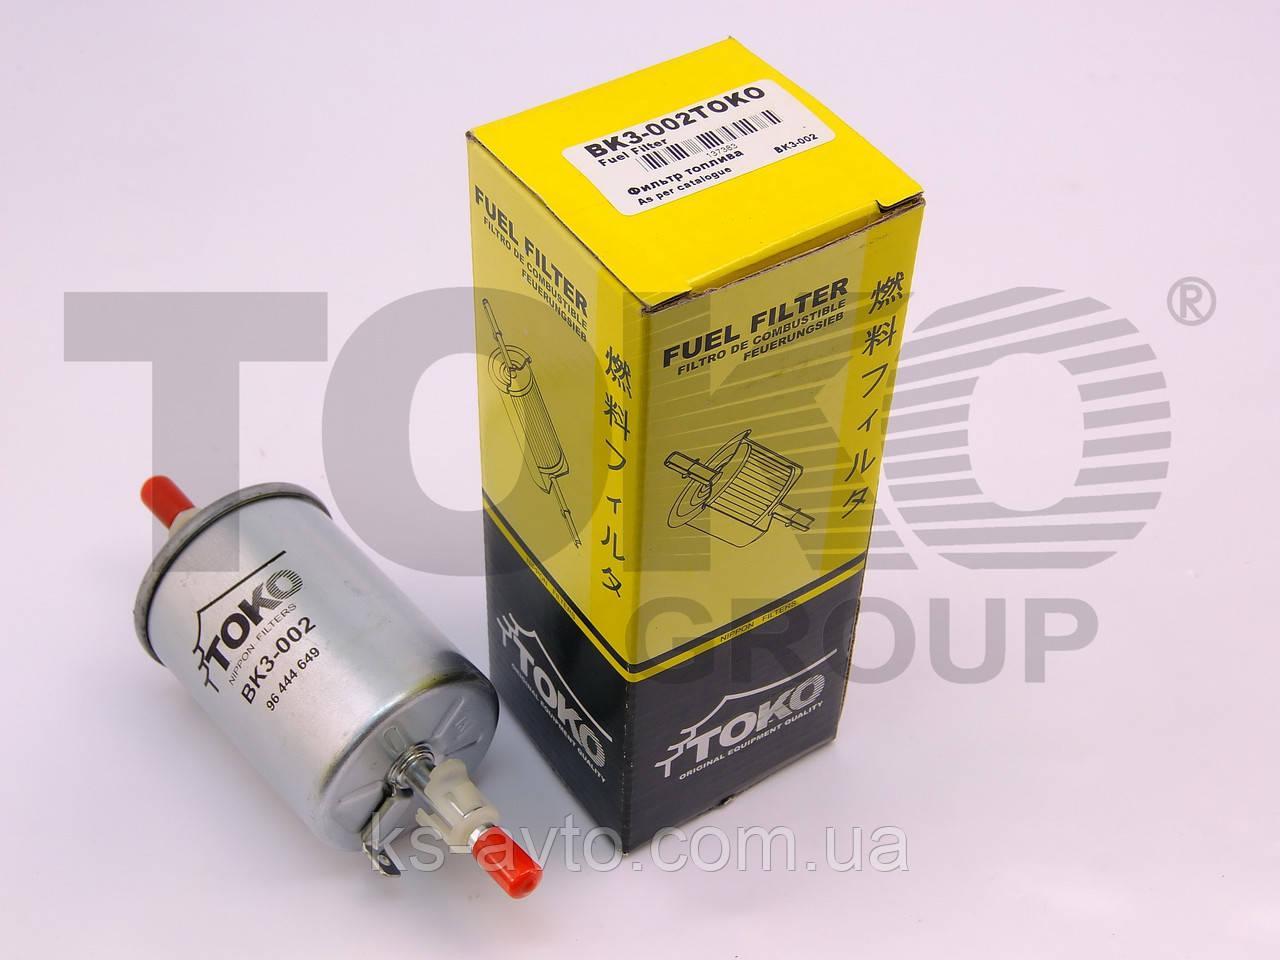 Фильтр Топливный Daewoo Lanos, Matiz, Nubira, Chevrolet Aveo, Epica. 1530-0728